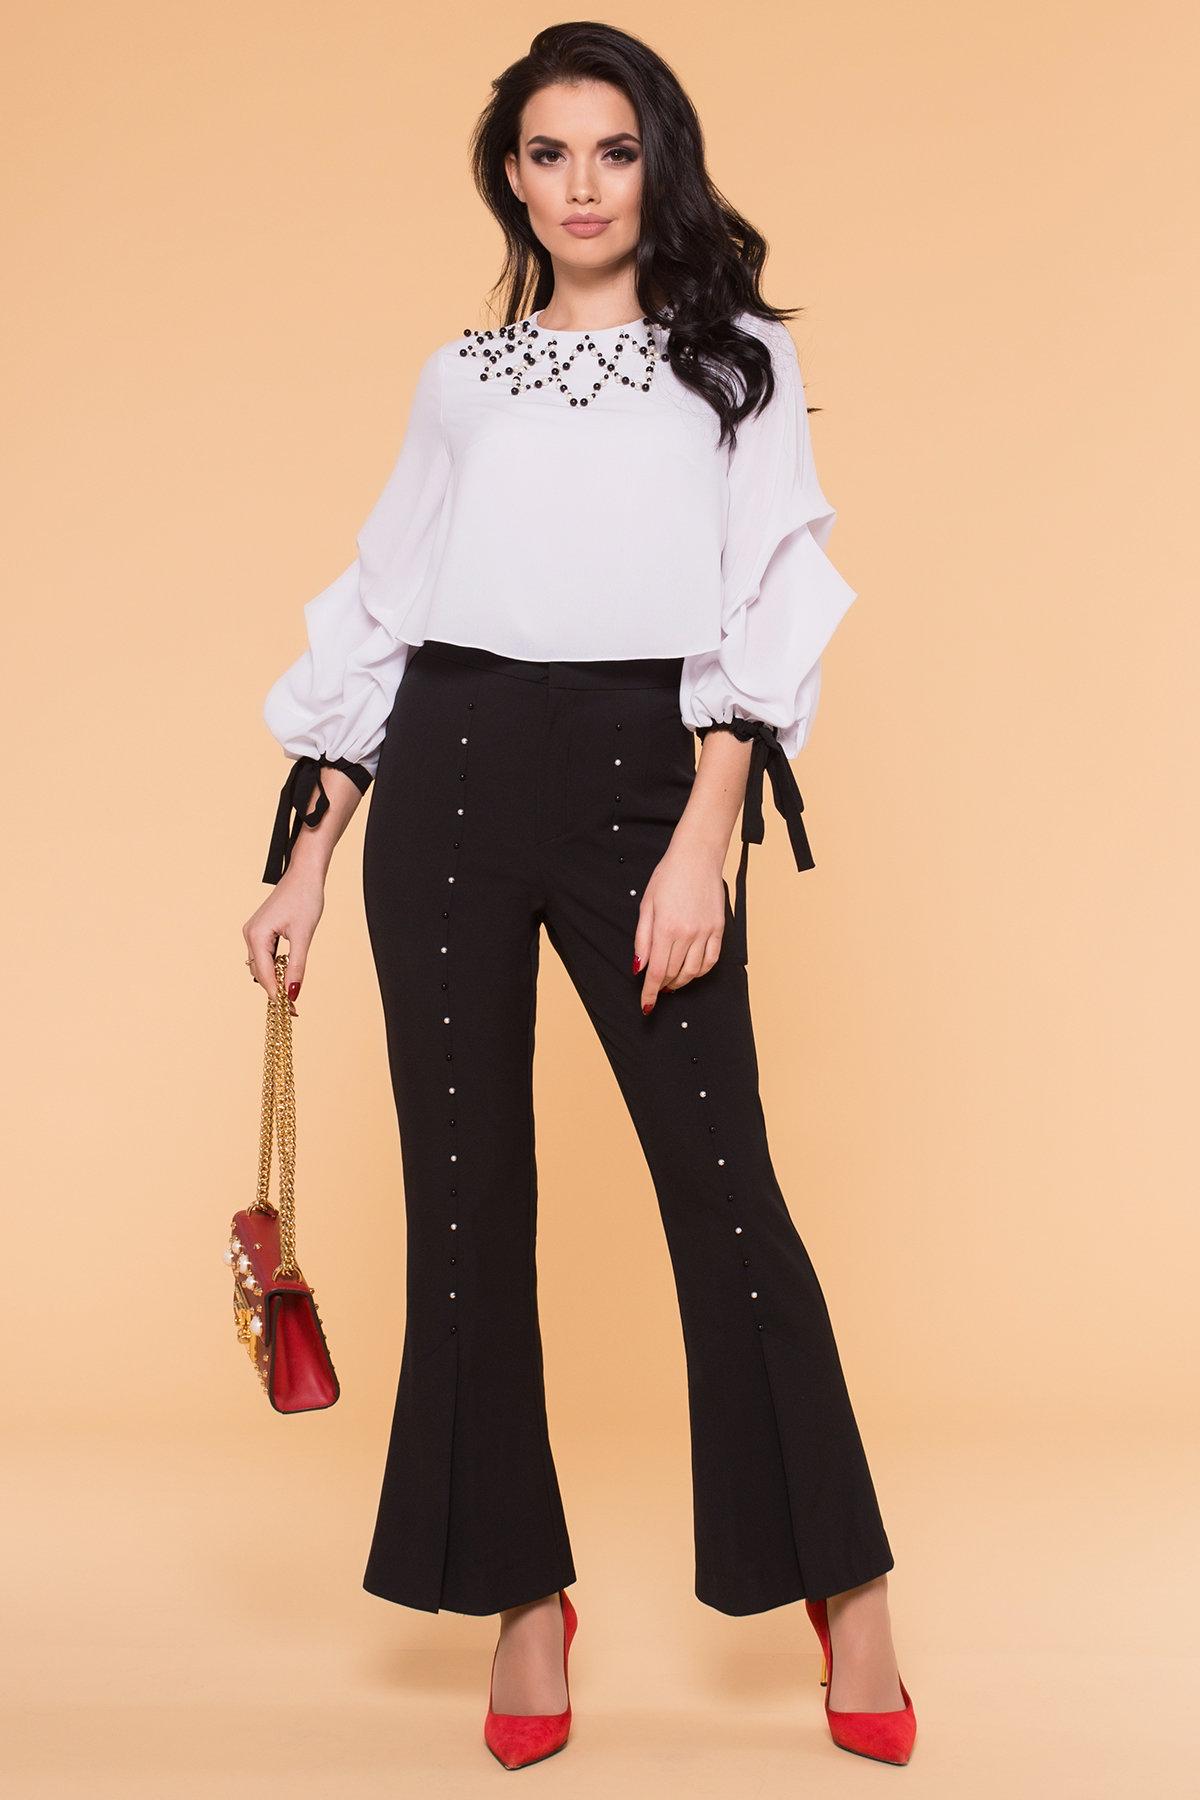 недорогие женские брюки Брюки Укороченные Сеймур 3288